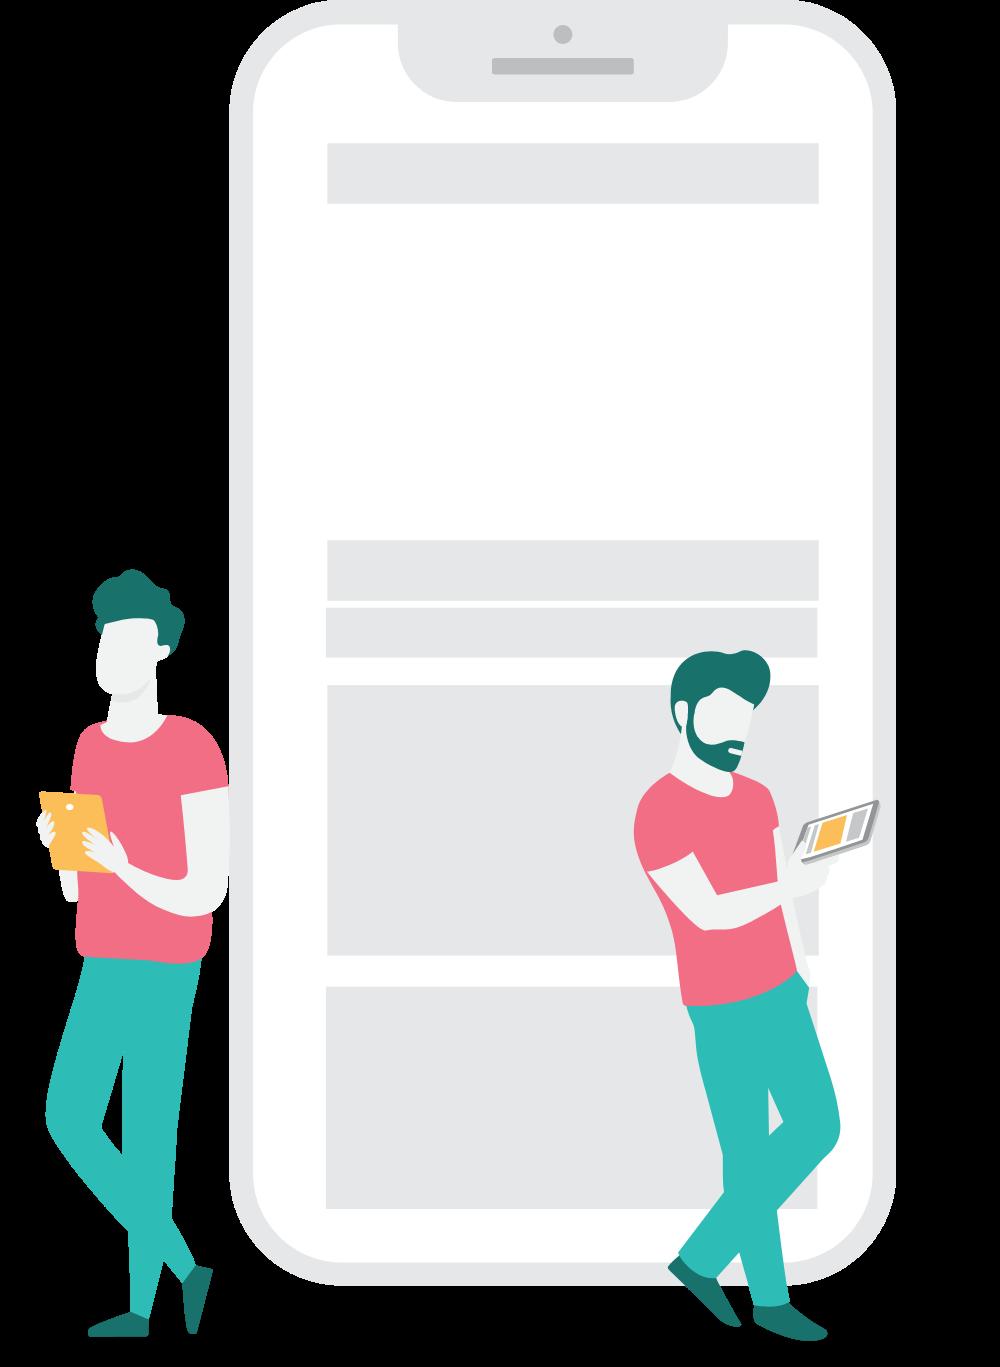 SEO บนมือถือคลื่นใหม่แห่งโลกอนาคตสำหรับเจ้าของเว็บไซต์ธุรกิจ